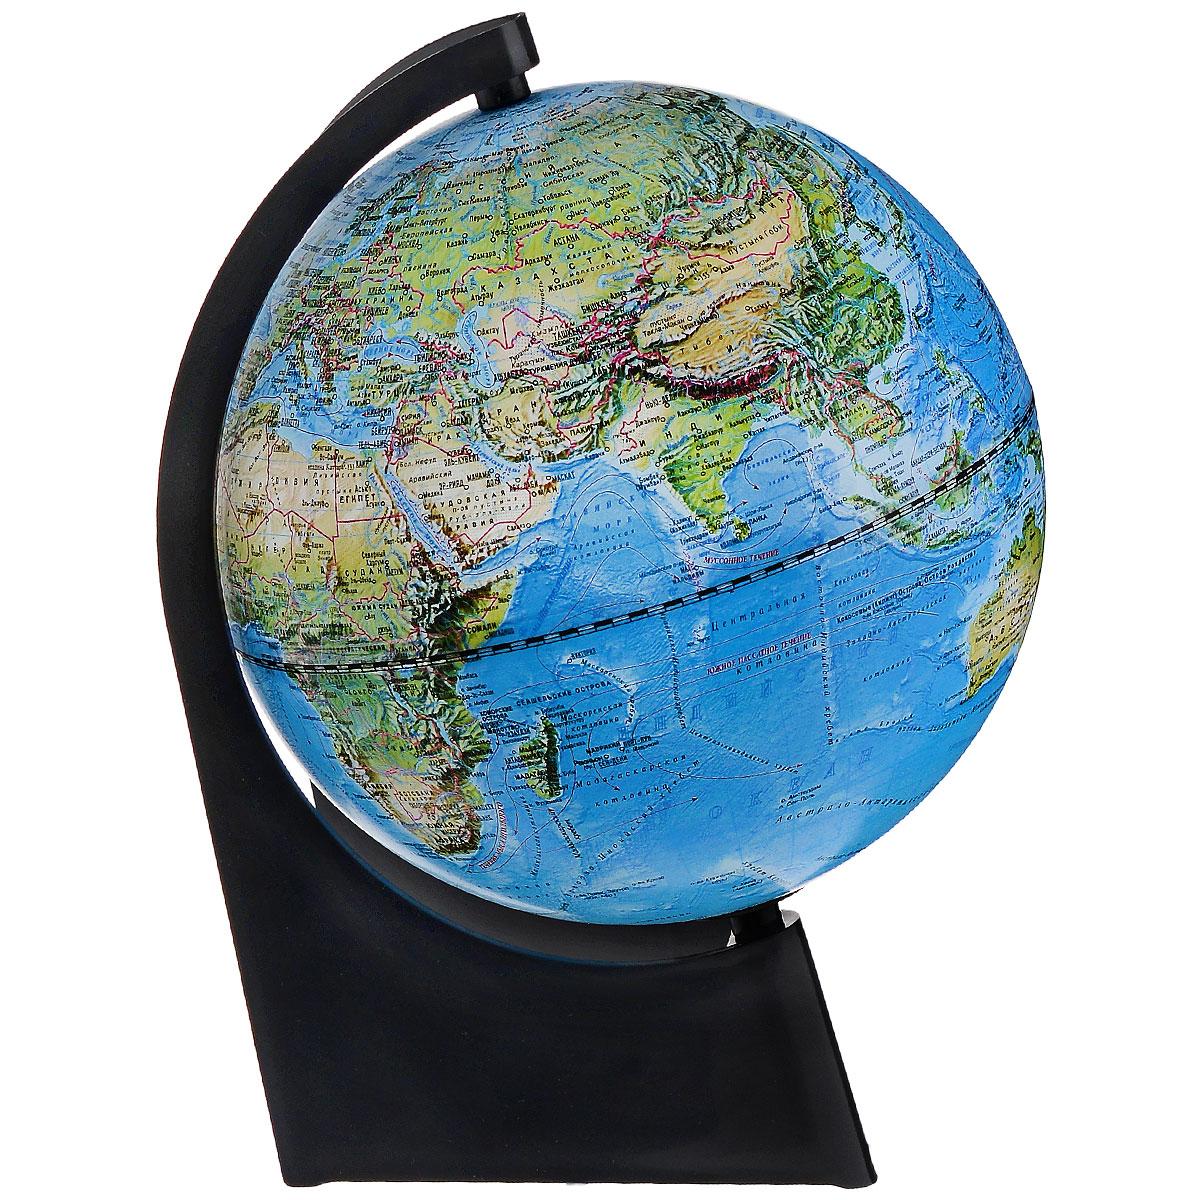 Глобусный мир Глобус с физической/политической картой, диаметр 21 см, с подсветкой, на подставкеFS-00897Географический глобус с физической и политической картой мира станет незаменимым атрибутом обучения не только школьника, но и студента. На глобусе отображены линии картографической сетки, гидрографическая сеть, рельеф суши и морского дна, крупнейшие населенные пункты, теплые и холодные течения. На глобусе также указаны названия стран и их границы.Глобус является уменьшенной и практически не искаженной моделью Земли и предназначен для использования в качестве наглядного картографического пособия, а также для украшения интерьера квартир, кабинетов и офисов. Красочность, повышенная наглядность визуального восприятия взаимосвязей, отображенных на глобусе объектов и явлений, в сочетании с простотой выполнения по нему различных измерений делают глобус доступным широкому кругу потребителей для получения разнообразной познавательной, научной и справочной информации о Земле. Глобус на оригинальной пластиковой подставке, с подсветкой. Масштаб: 1:60000000.